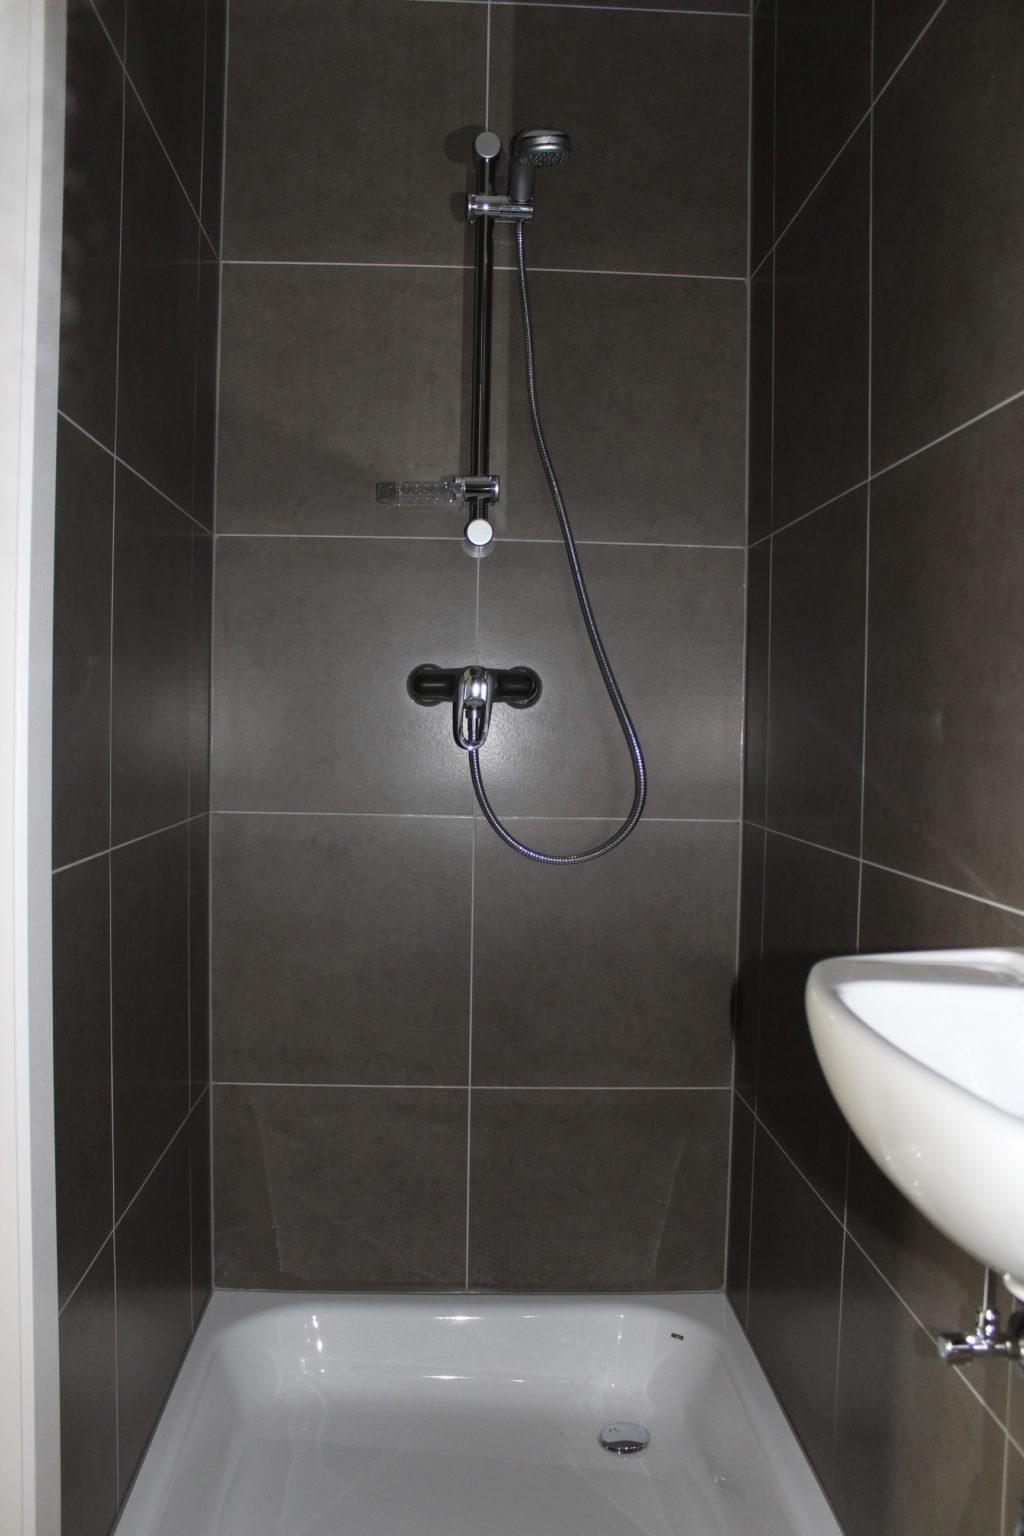 Wilgenstraat 45 - Kamer 12 - Badkamer met douche en lavabo